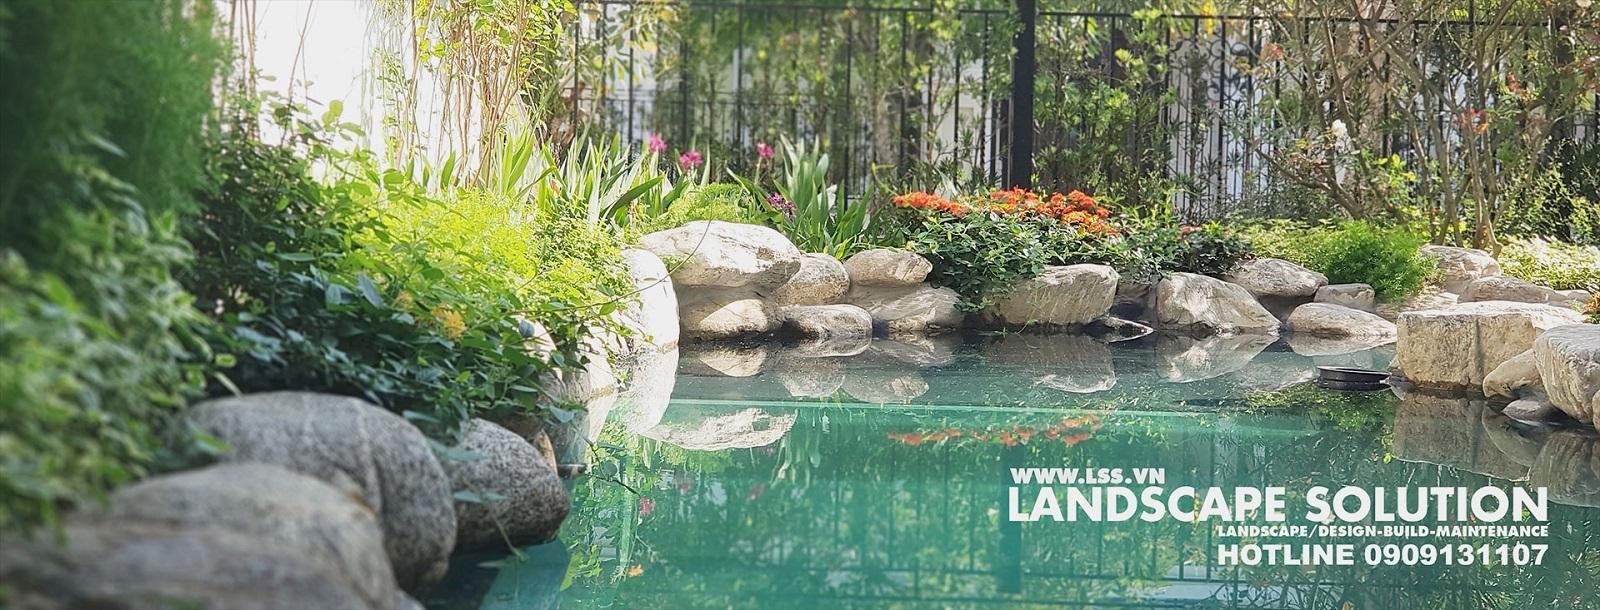 Landscape Solution Services JSC (@canhquanlss) Cover Image